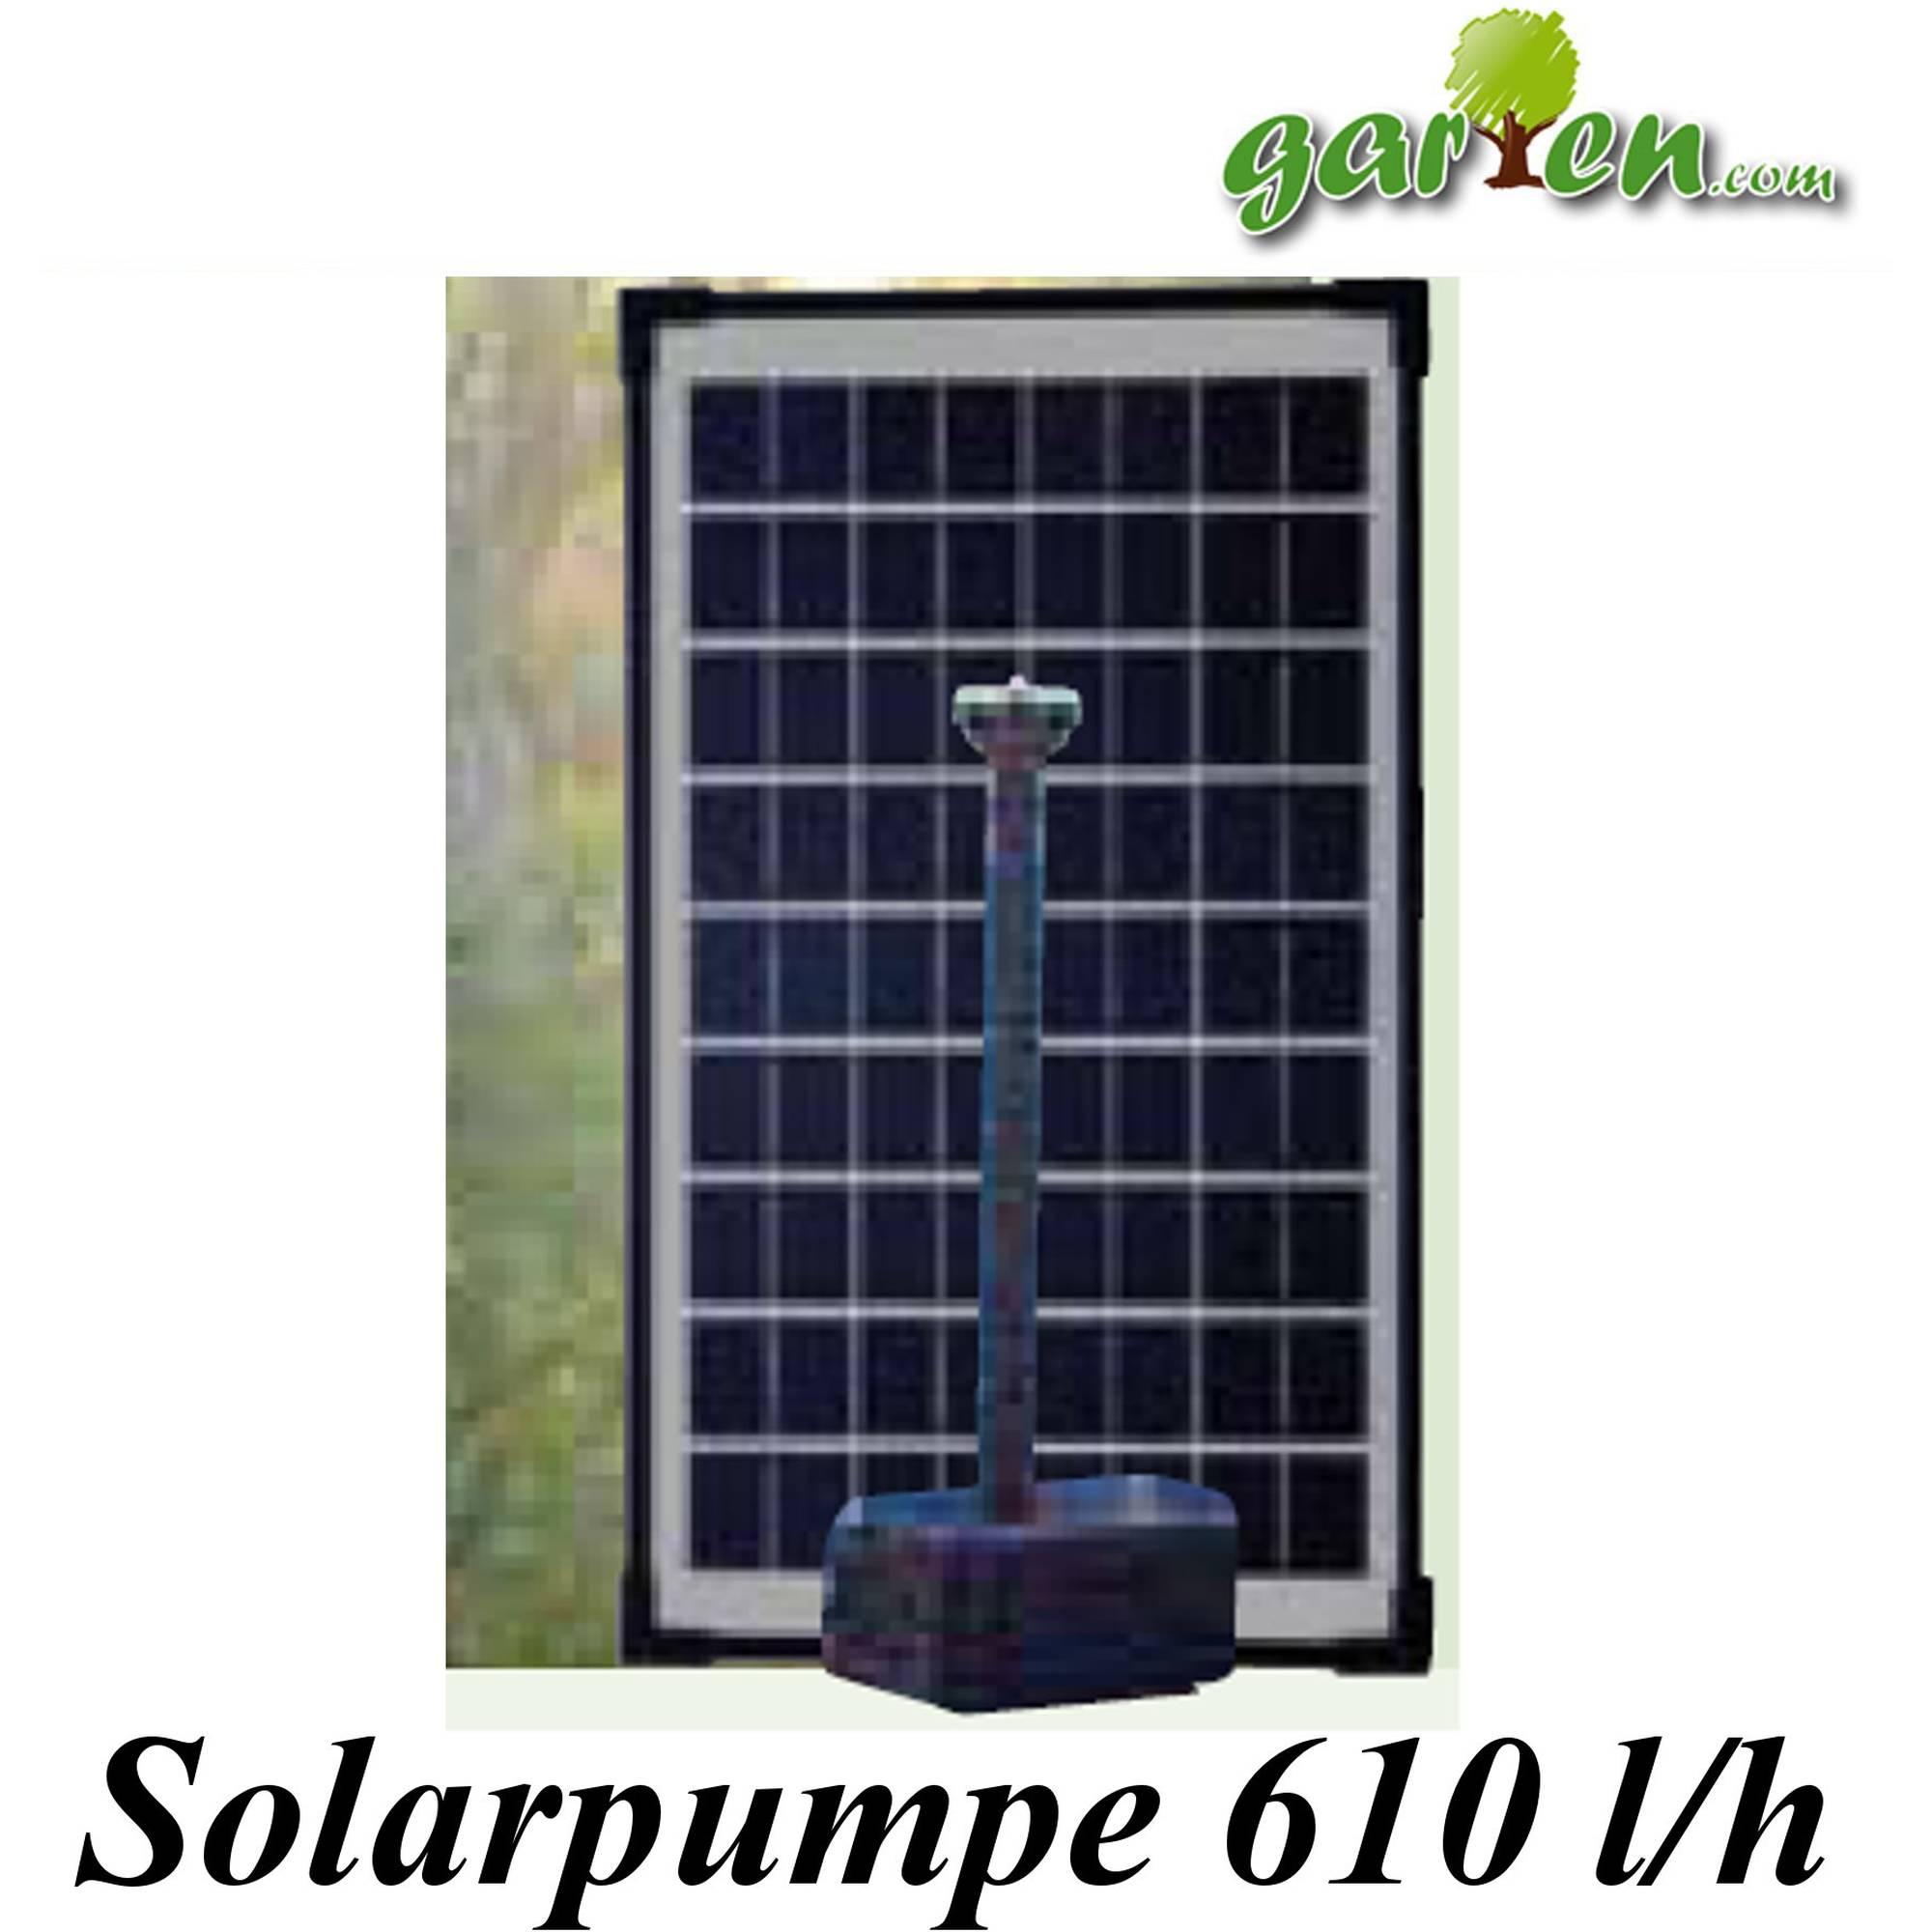 Pumpen Set Solar 610l/h von Heissner